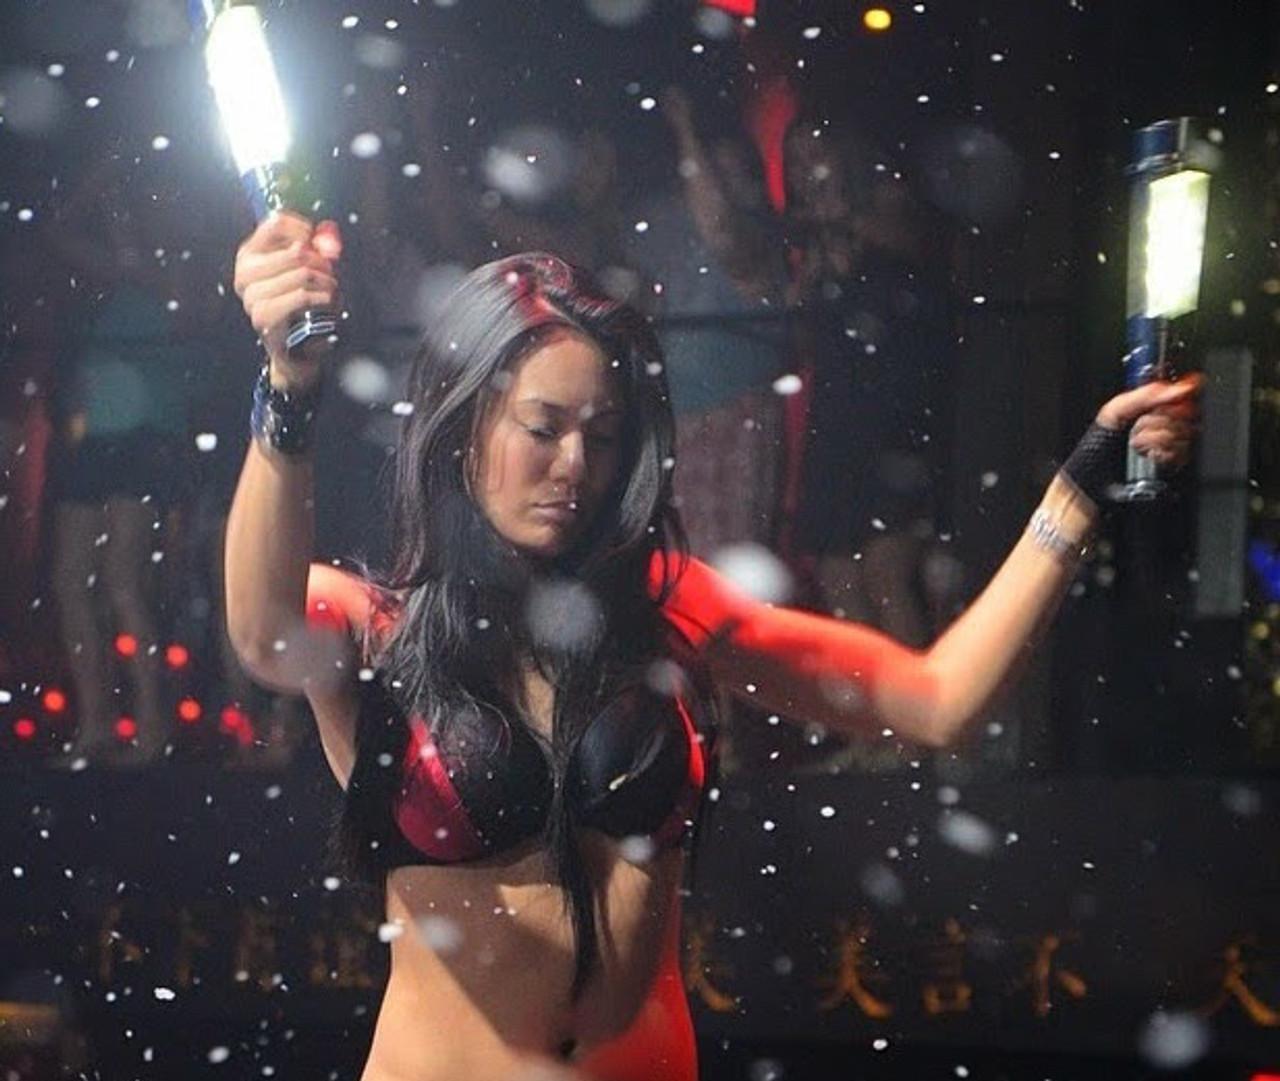 hand,held, electric,electronic, bottle,service,sparkler, bottle sparkler, alternative